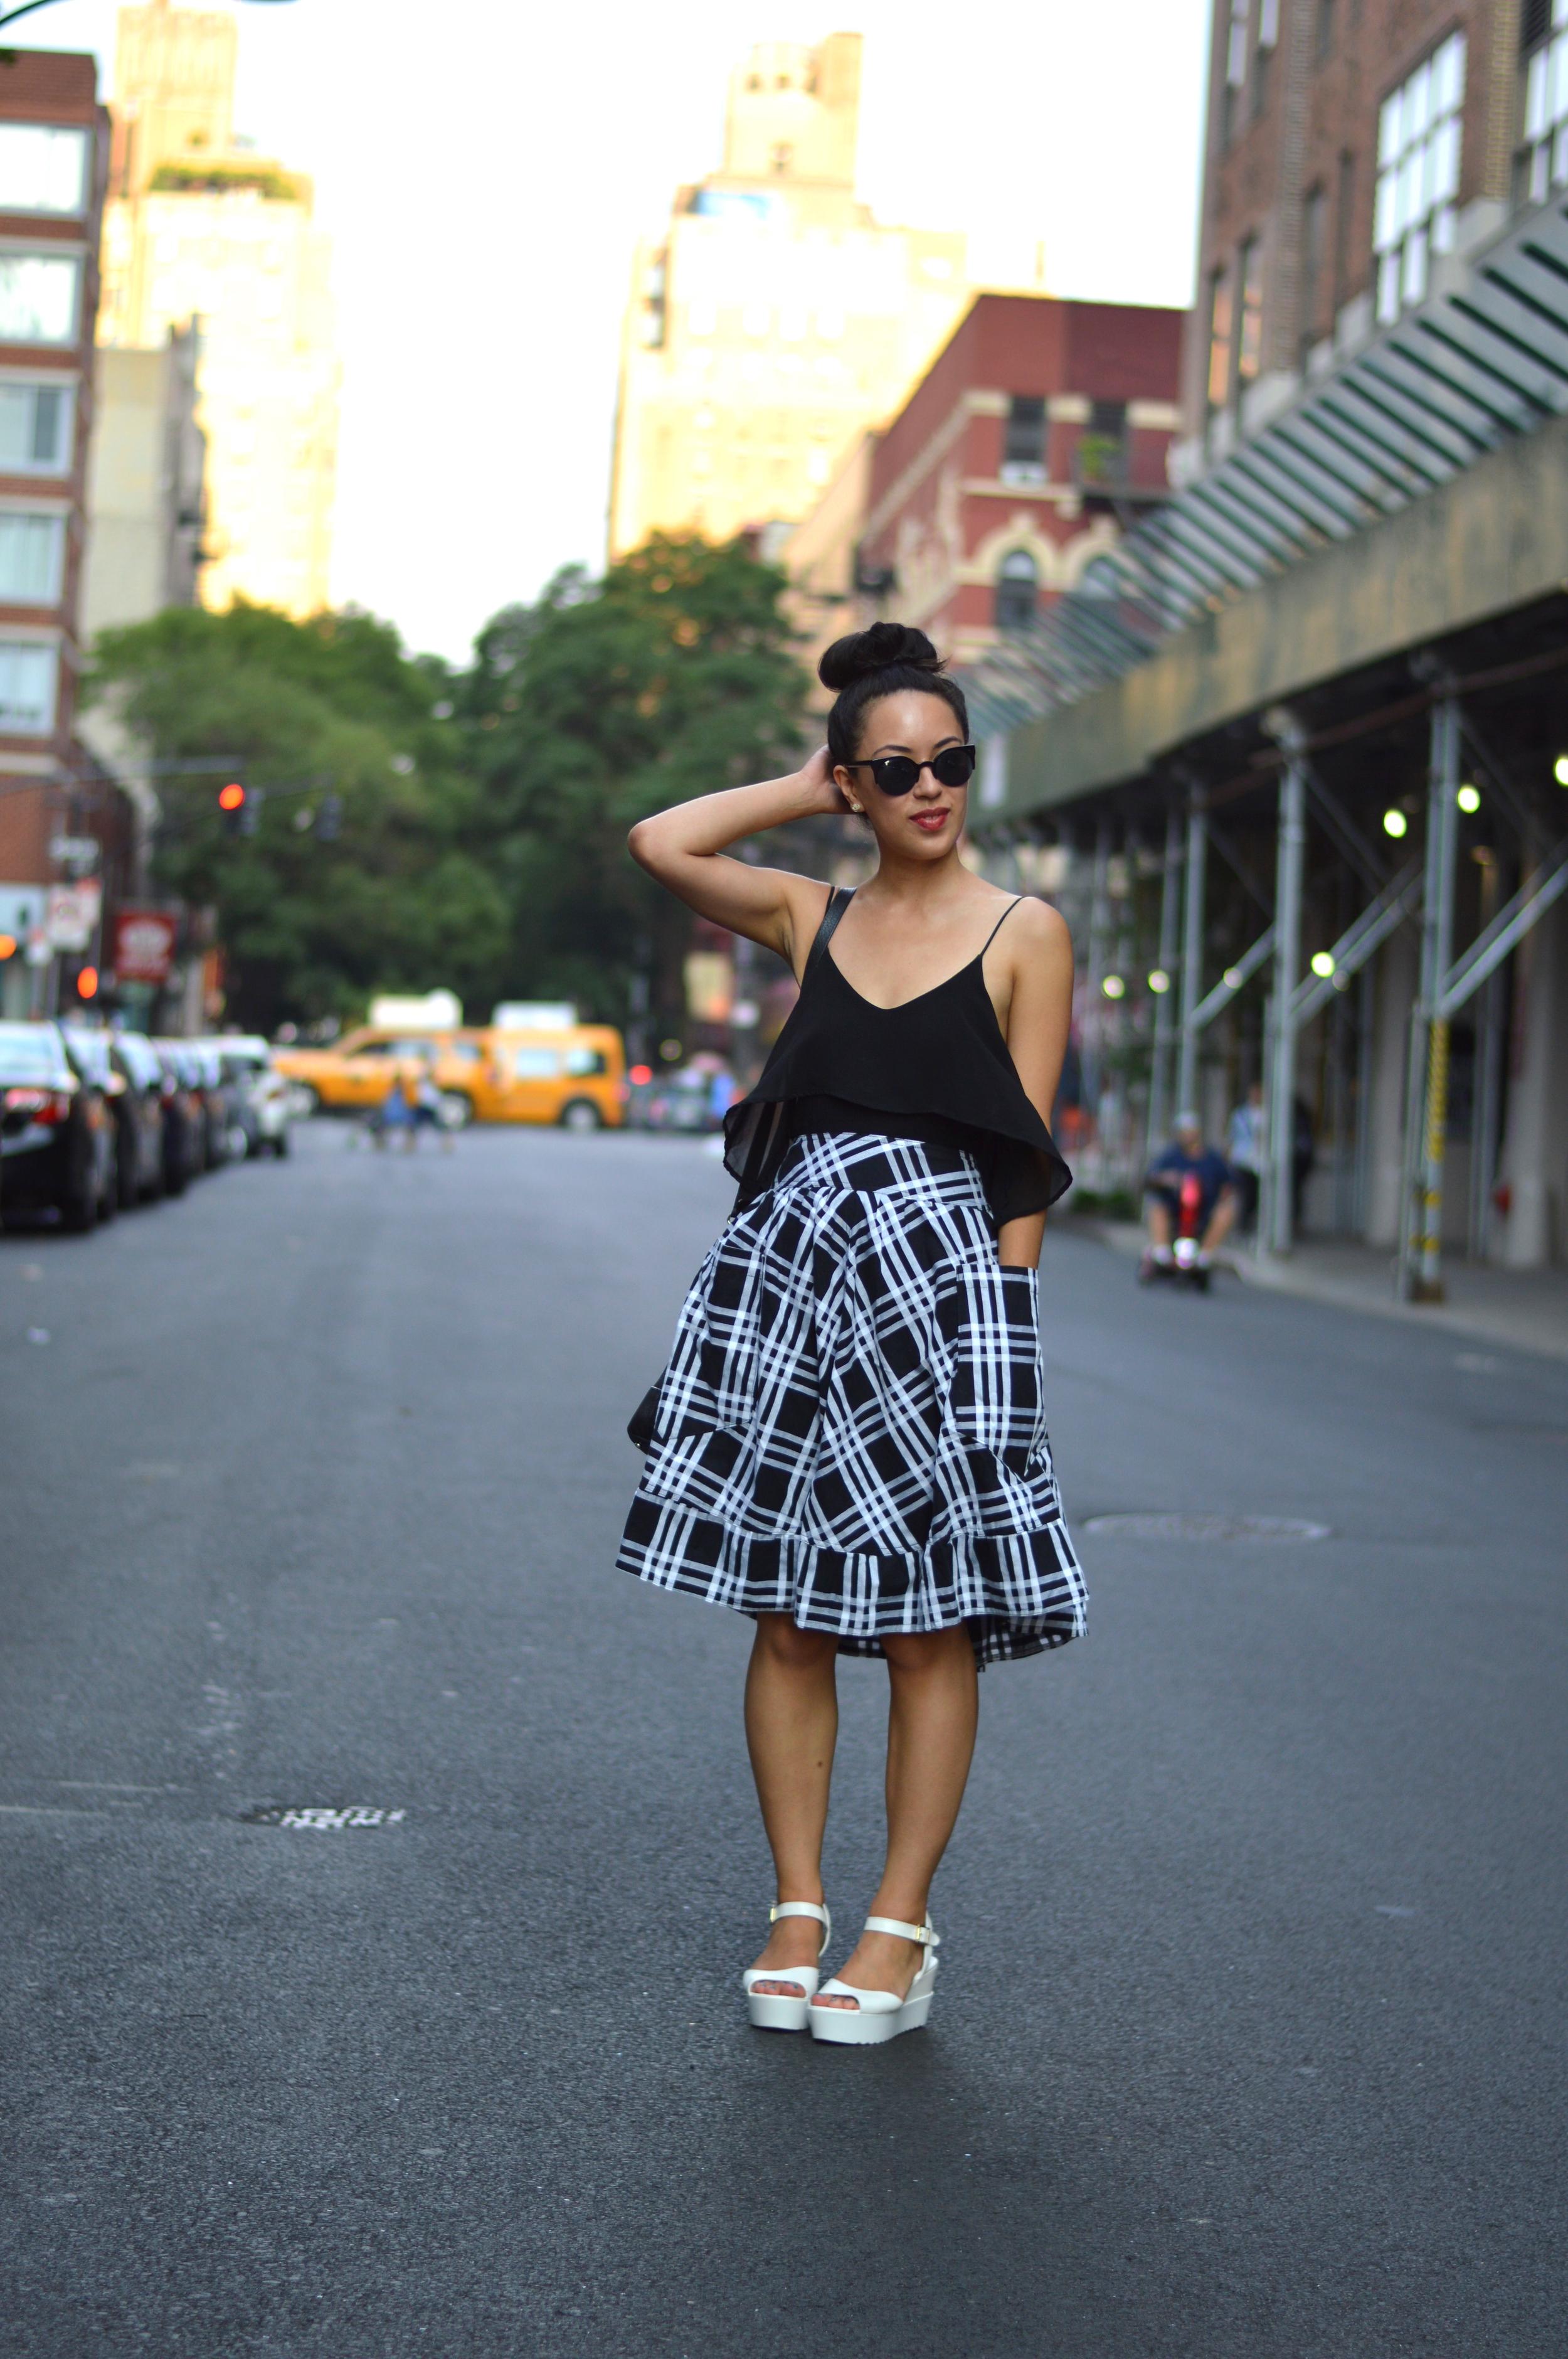 thrifty fashion